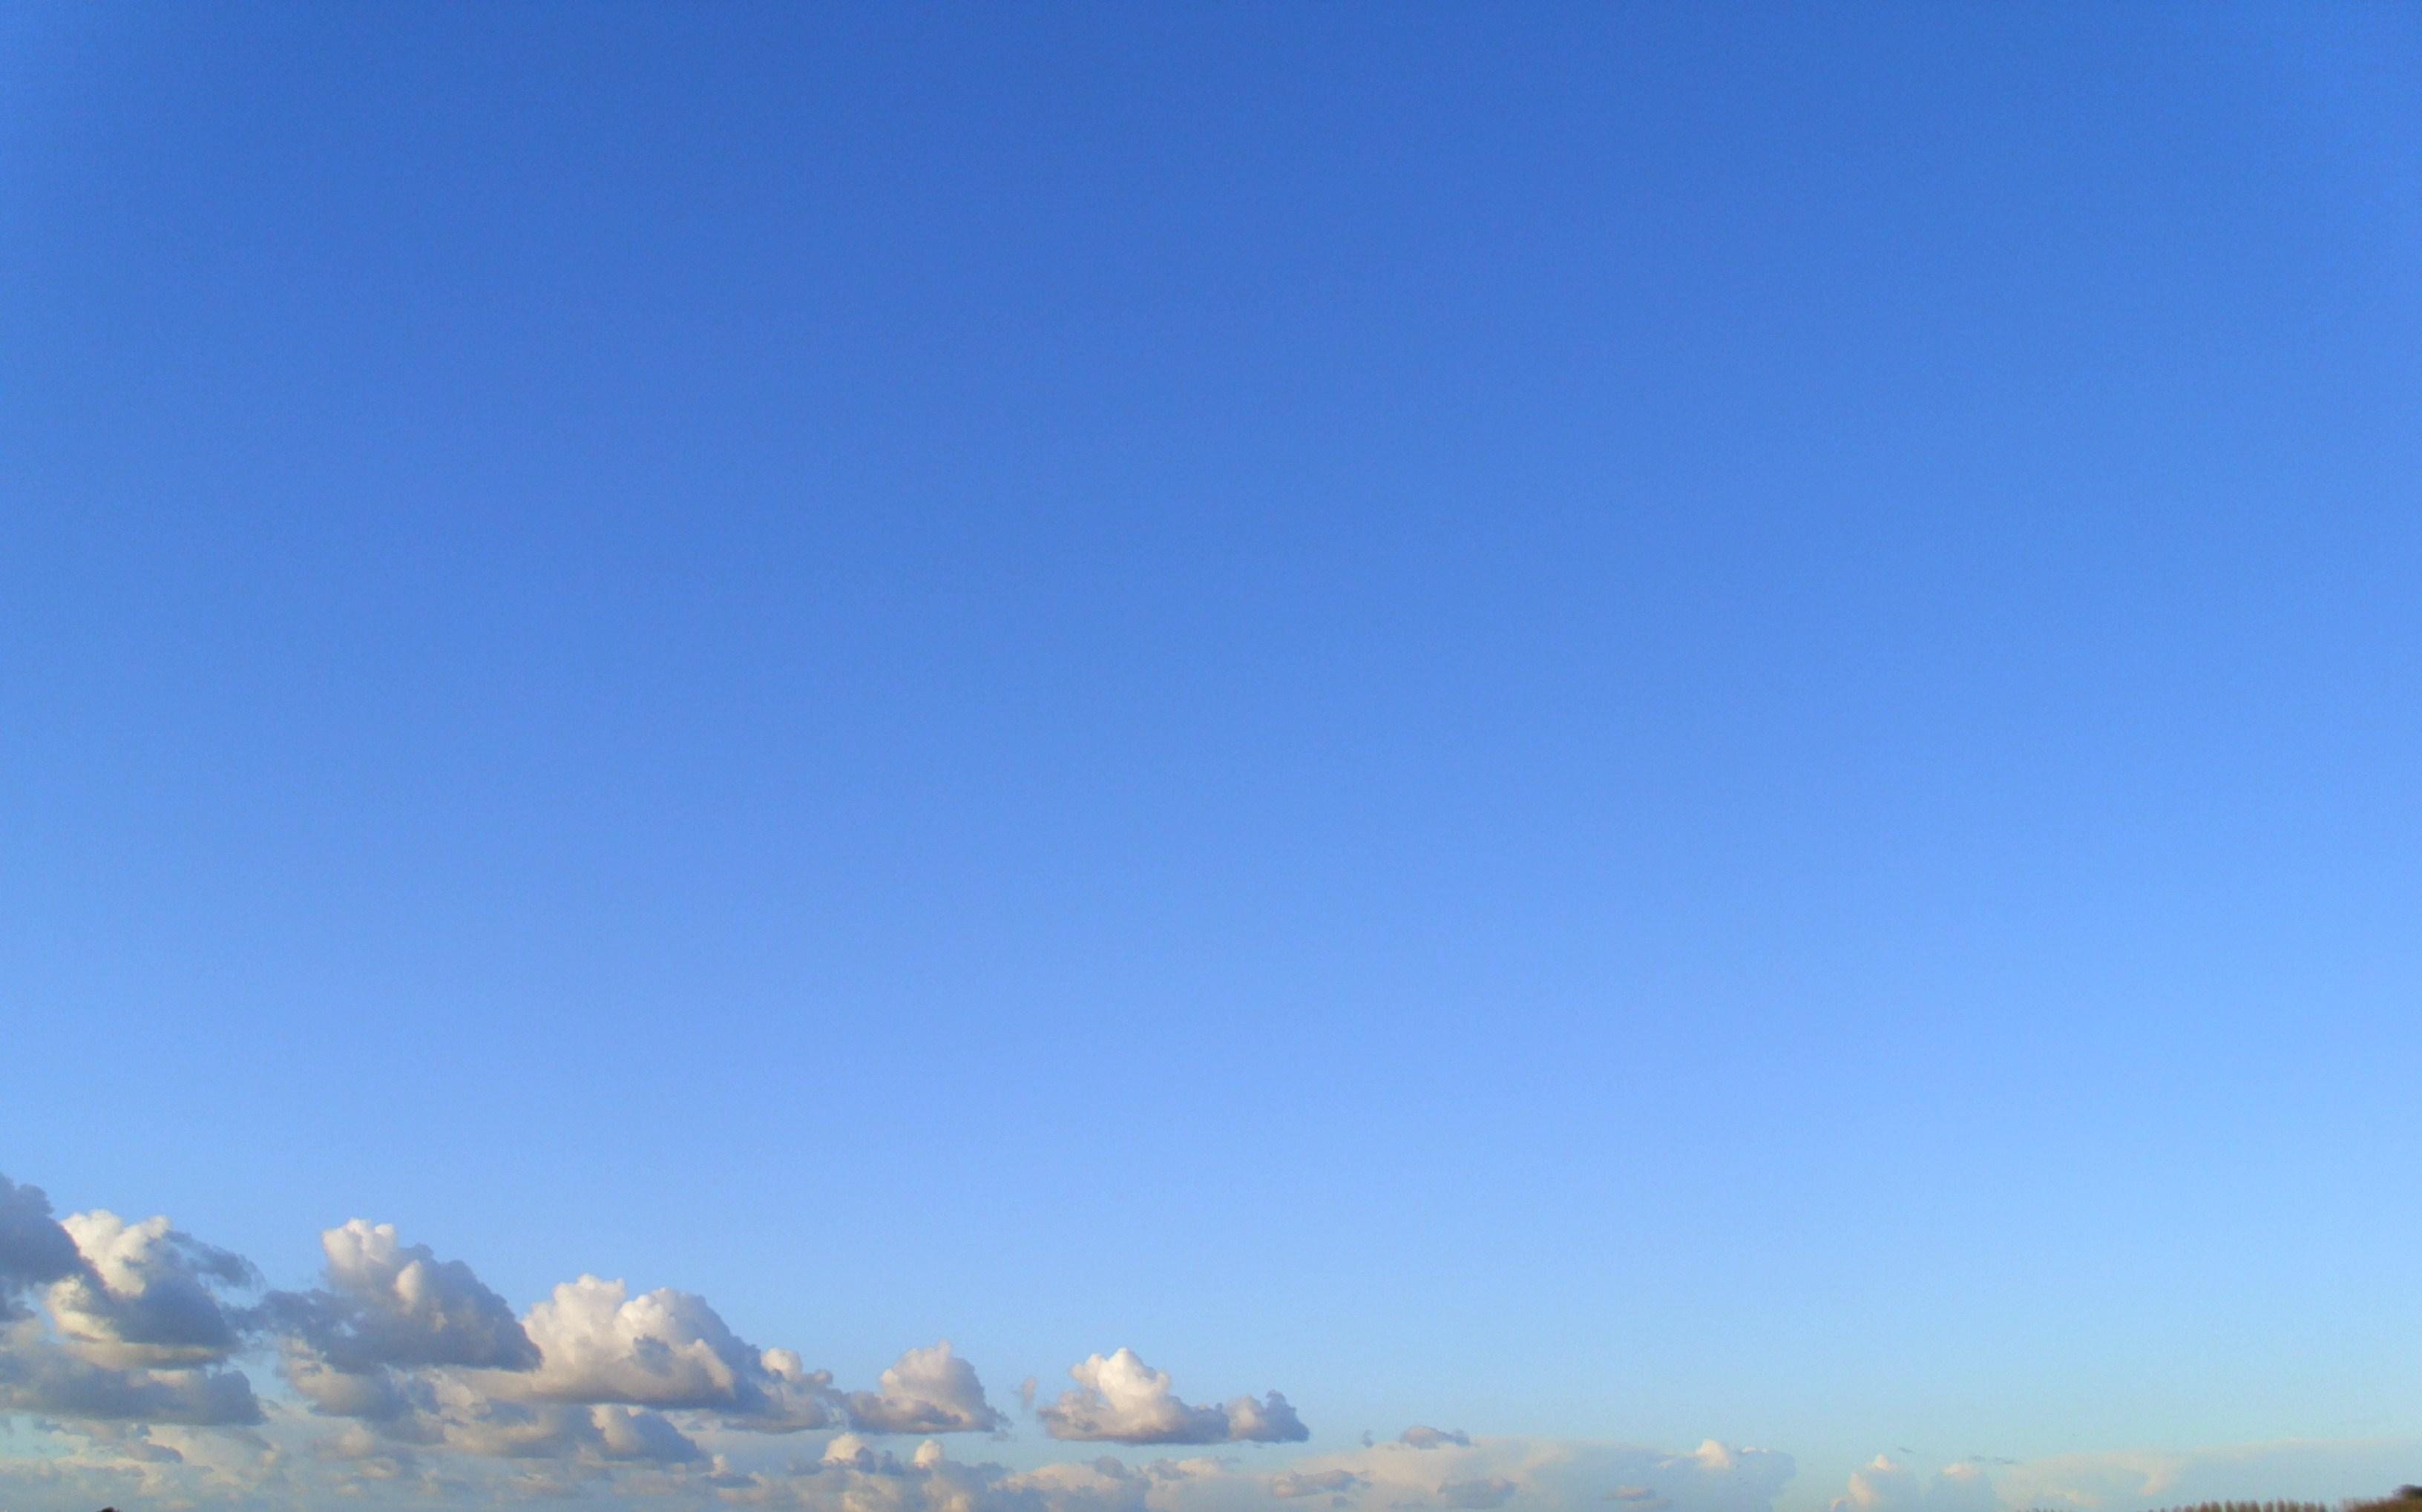 Картинка небо голубое ясное